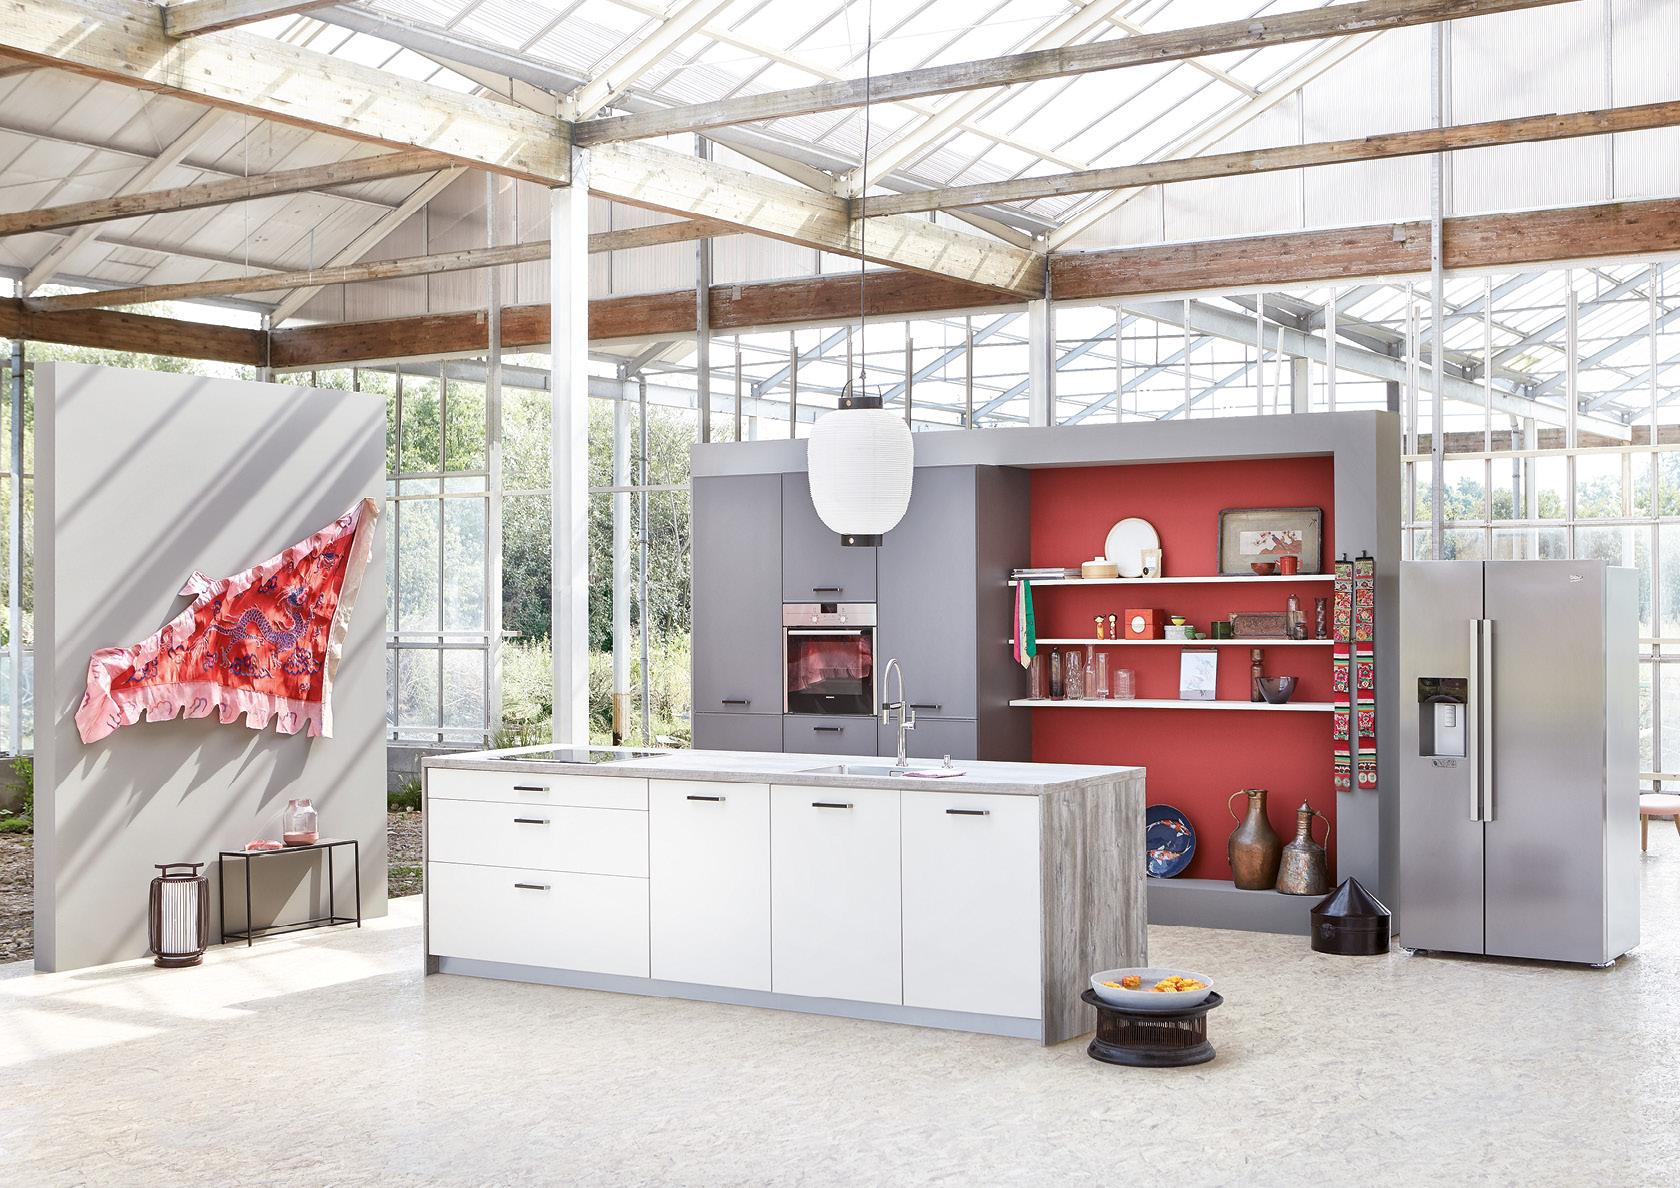 Küche - Möbel Schaub GmbH in Radevormwald